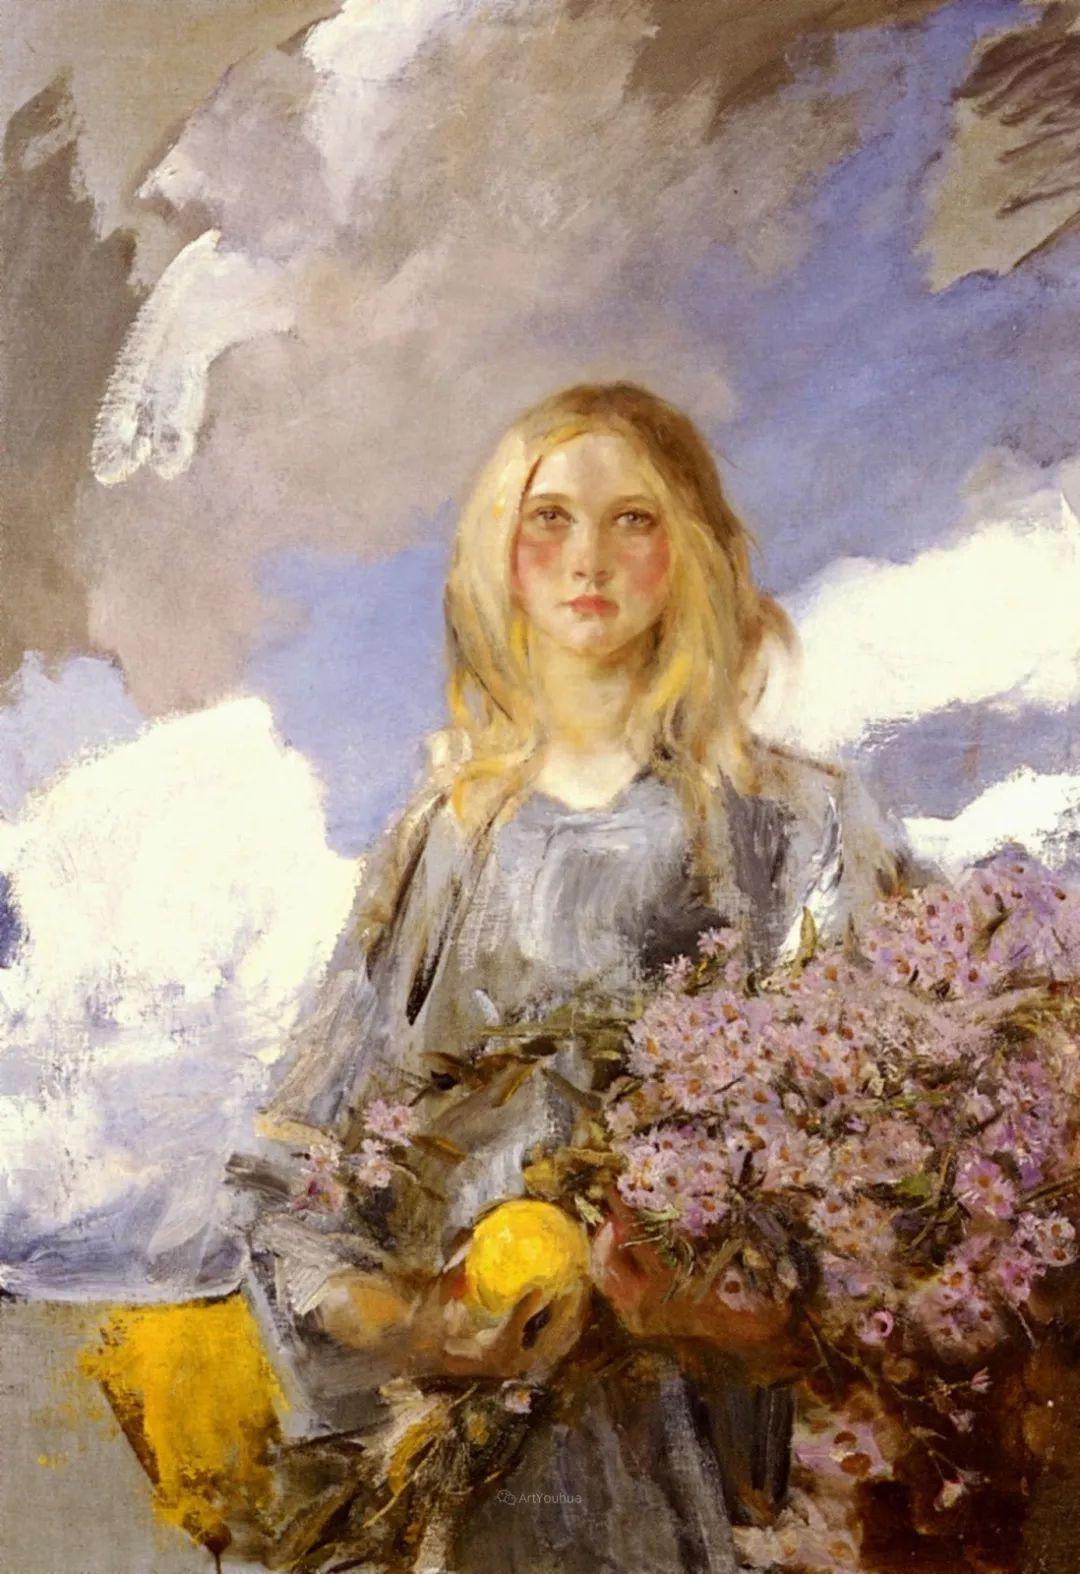 画家笔下苗条的女子,美丽优雅!英裔美国画家James Jebusa Shannon插图14